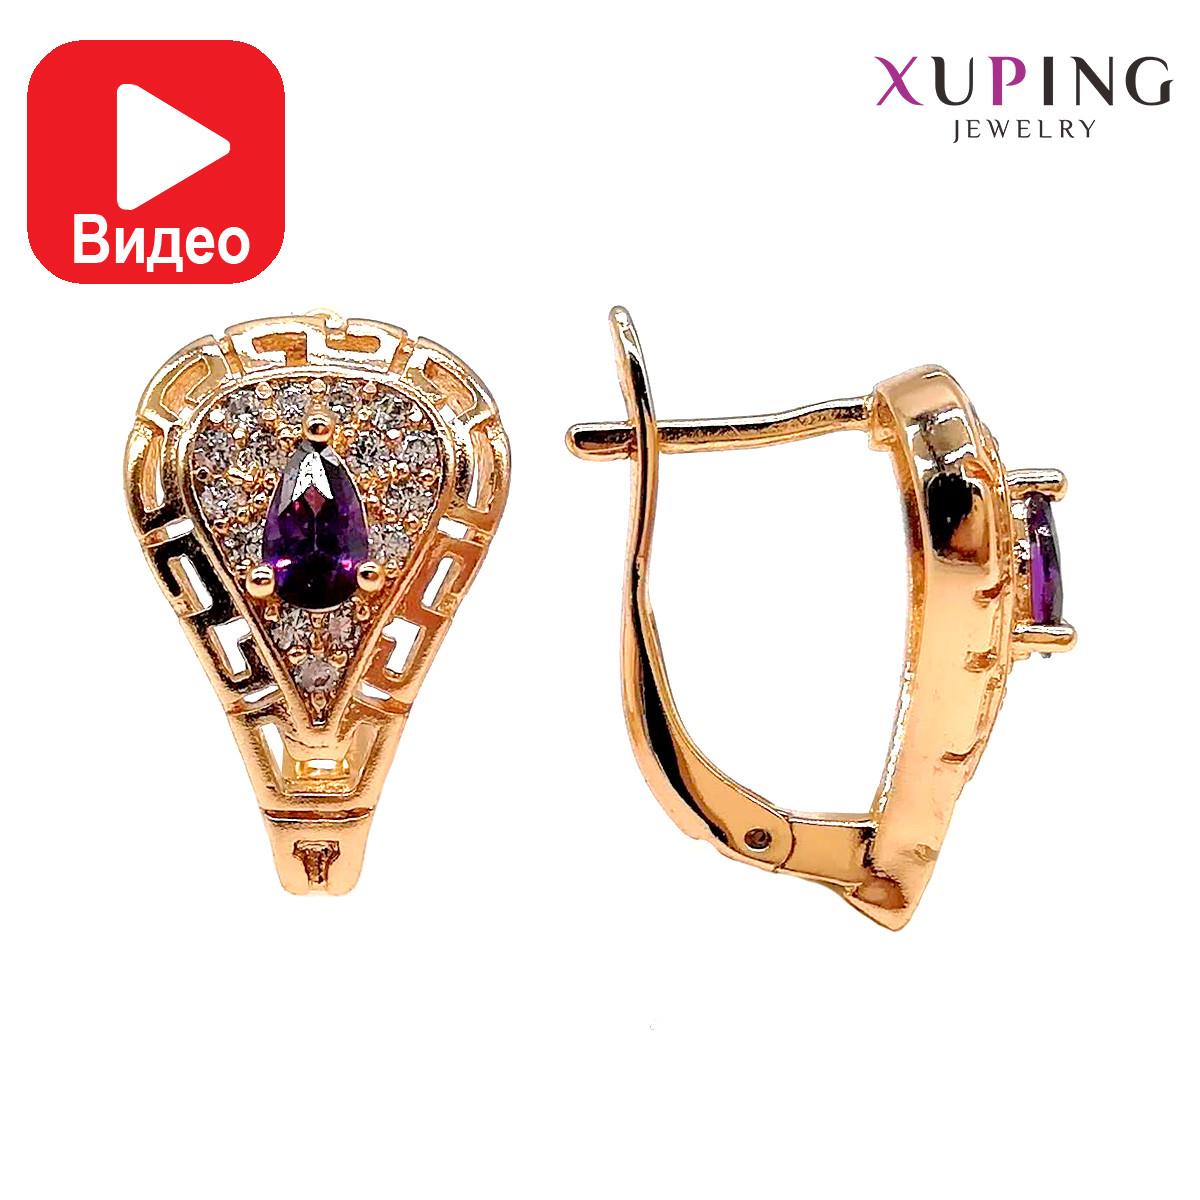 Серьги Хuping из медицинского золота с фиолетовыми и белыми фианитами (куб. цирконием) в позолоте, ХР00233 (1)